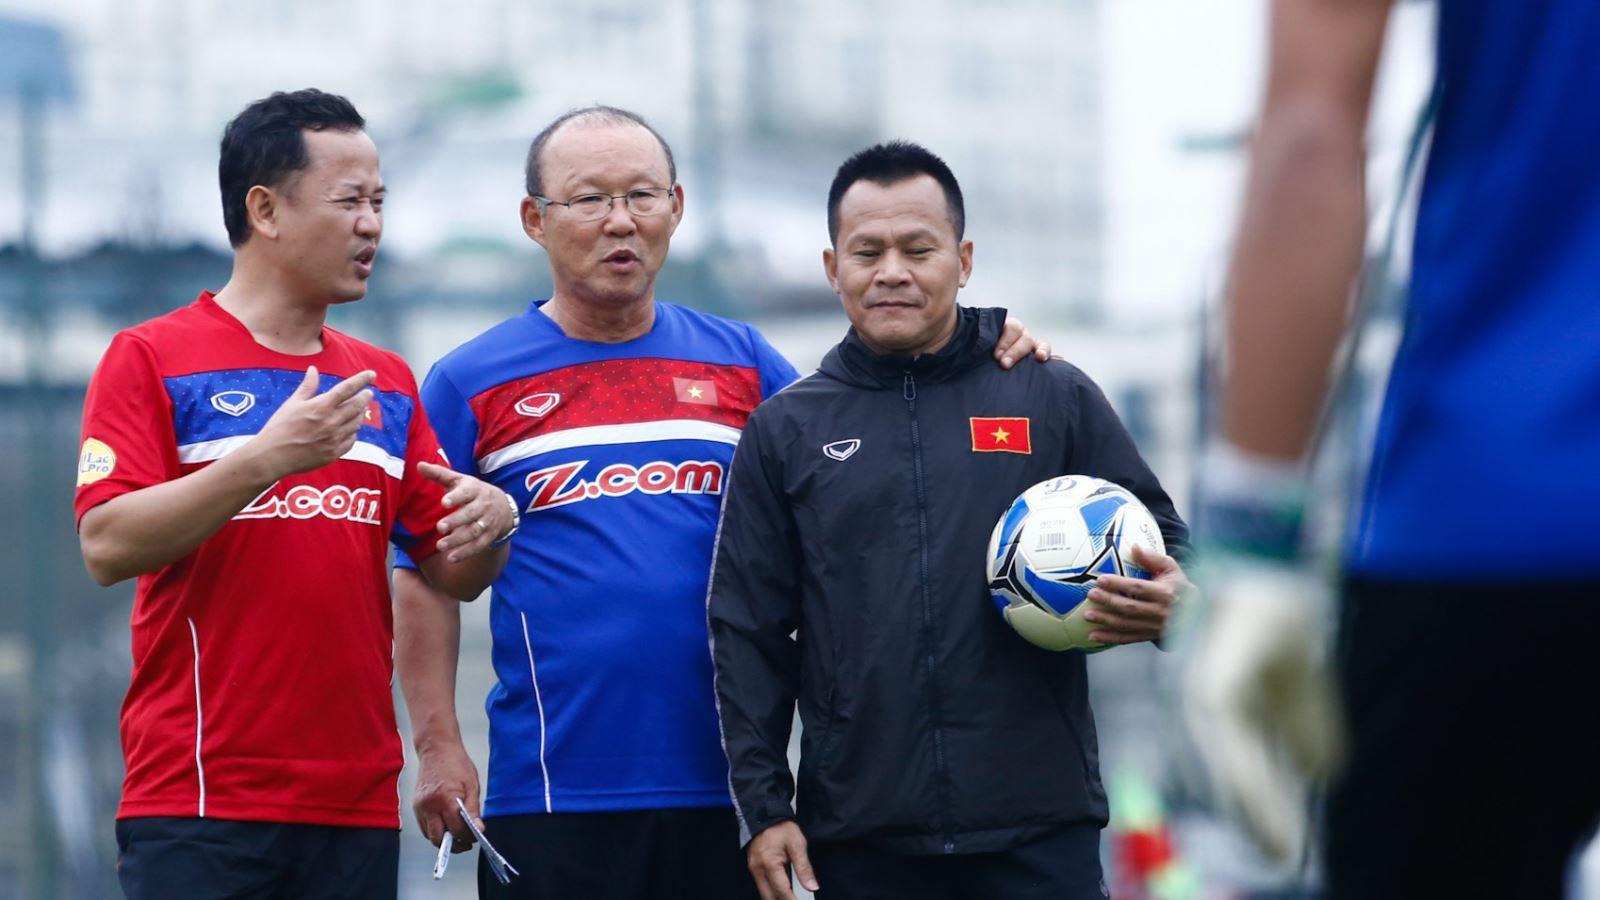 bóng đá Việt Nam, tin tức bóng đá, bong da, tin bong da, CLB TPHCM, HLV Lư Đình Tuấn, Thanh Hoá, V League, lịch thi đấu V League, chuyển nhượng V League